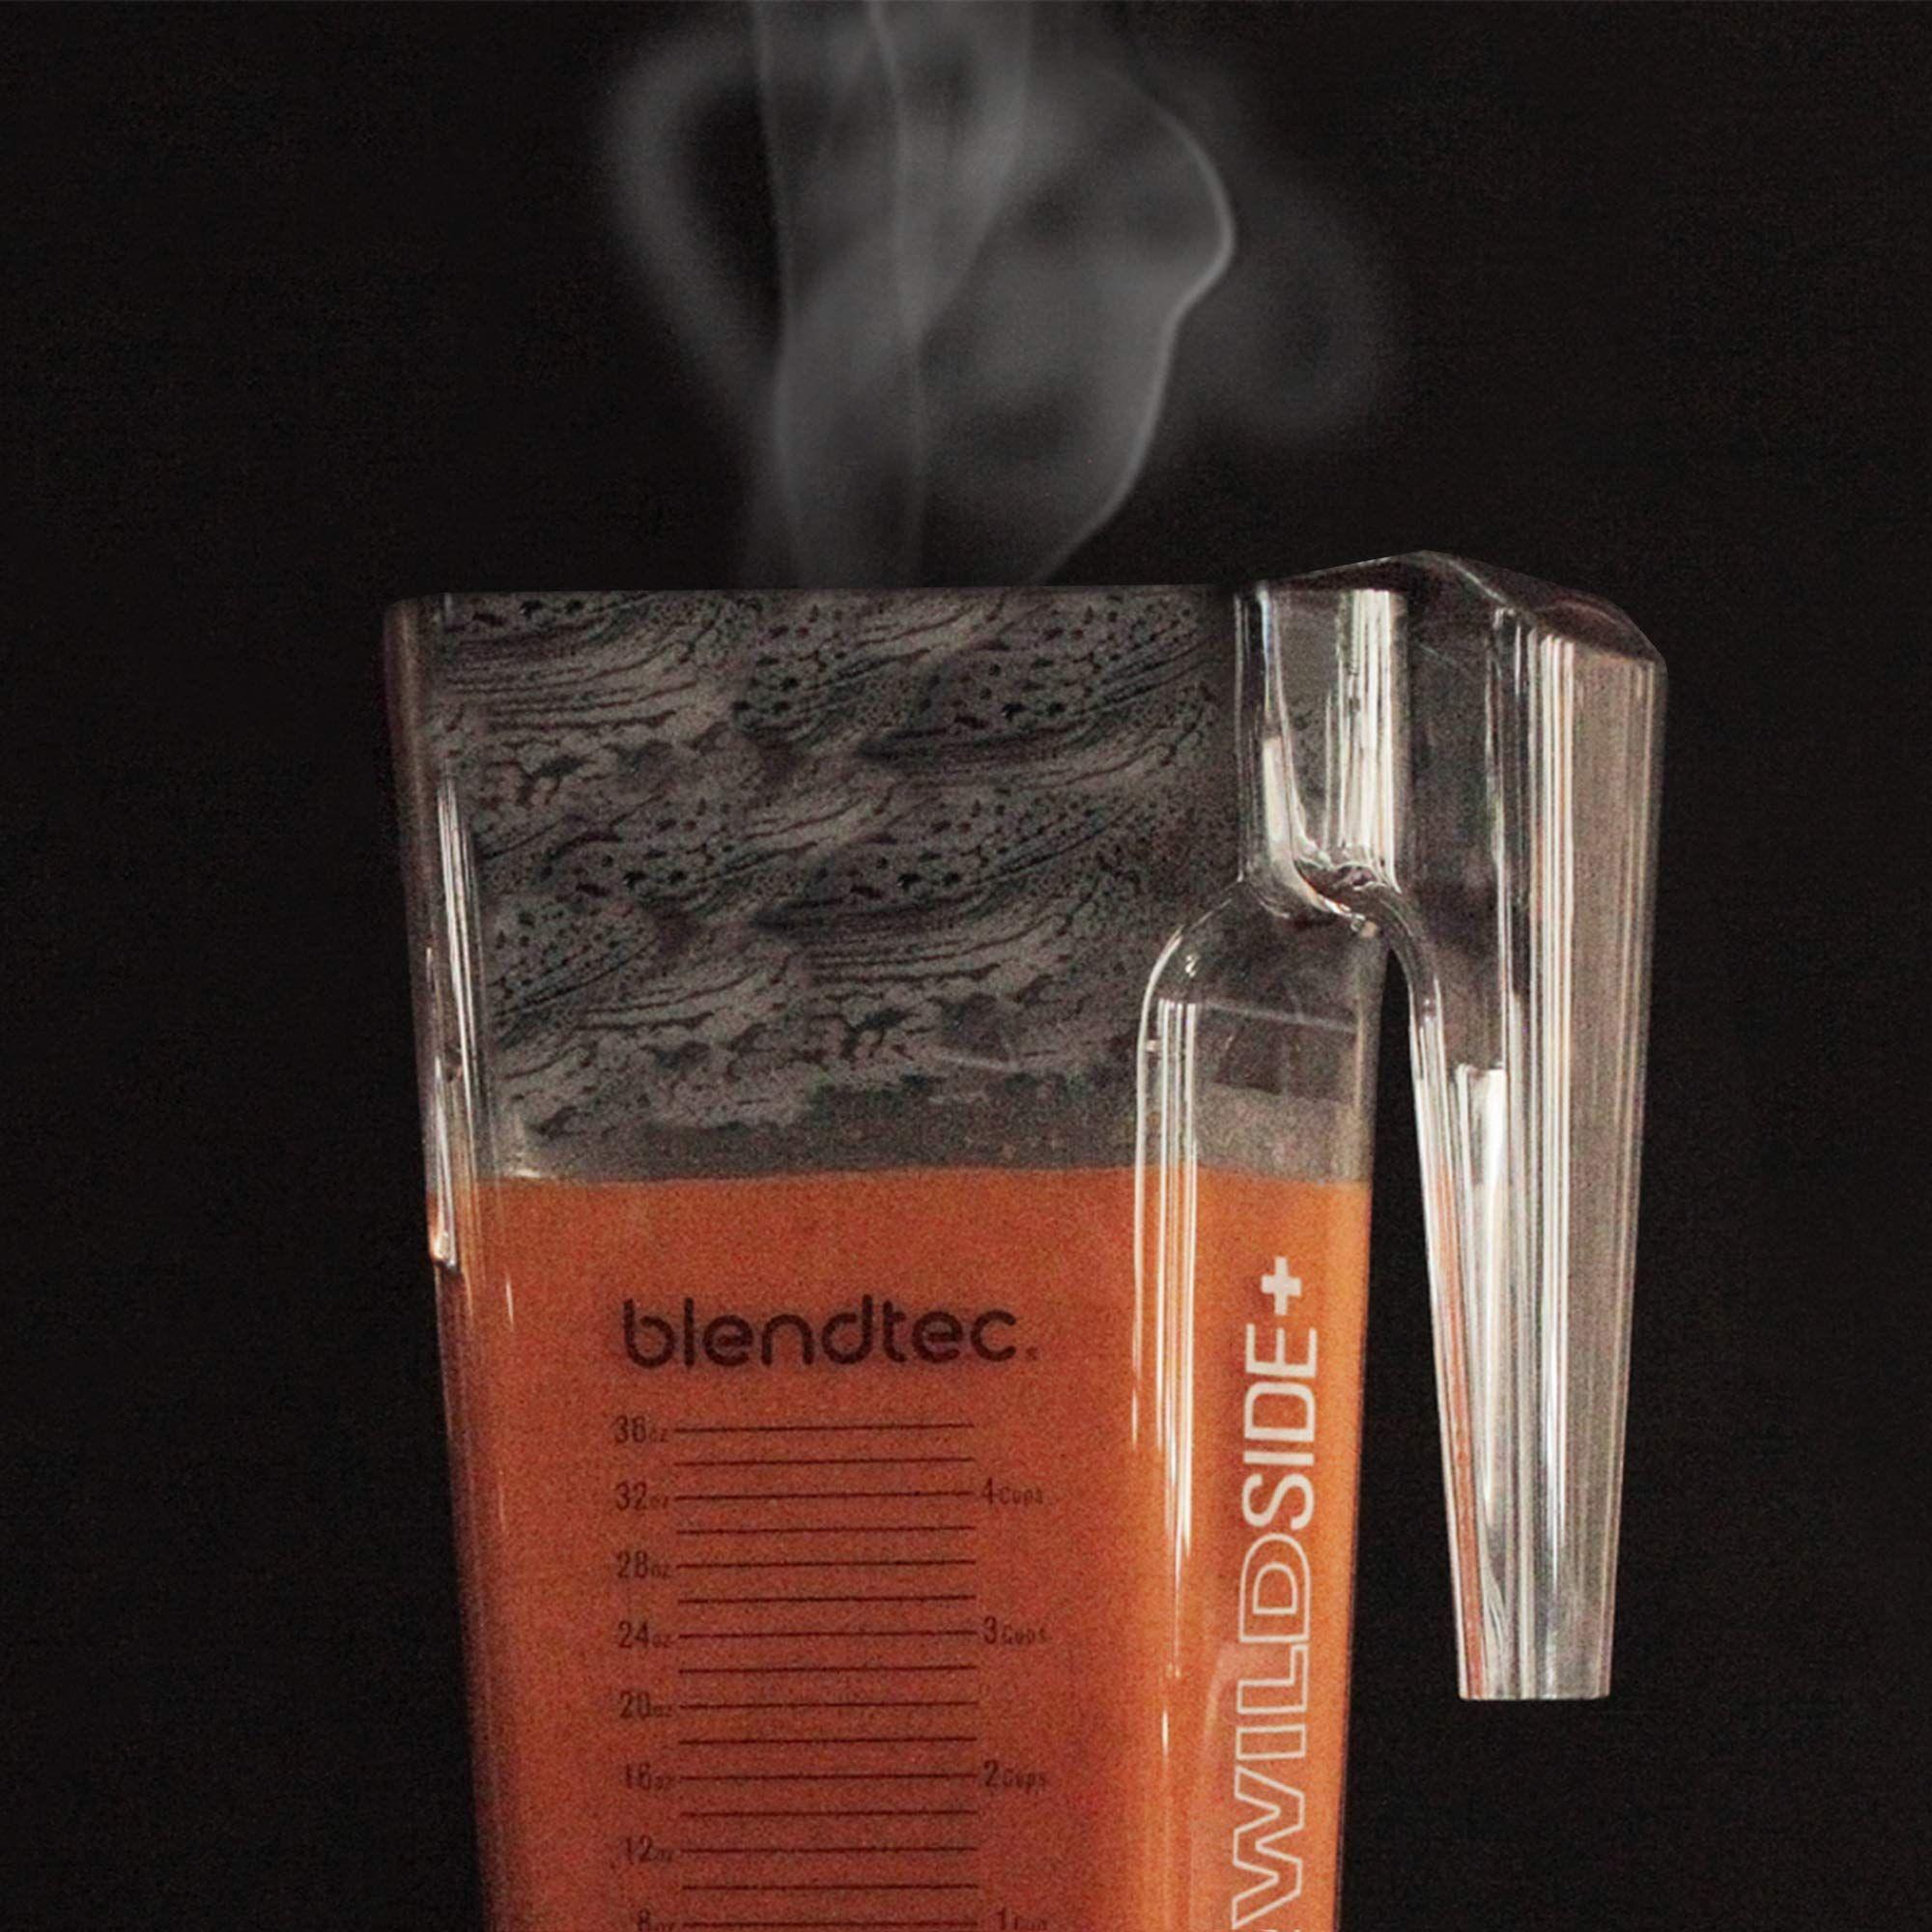 Five Sided Blendtec WildSide+ Jar Professional-Grade Blender Jar Vented Latching Lid BPA-free Clear 90 oz volume//36 oz Wet//Dry Fillable